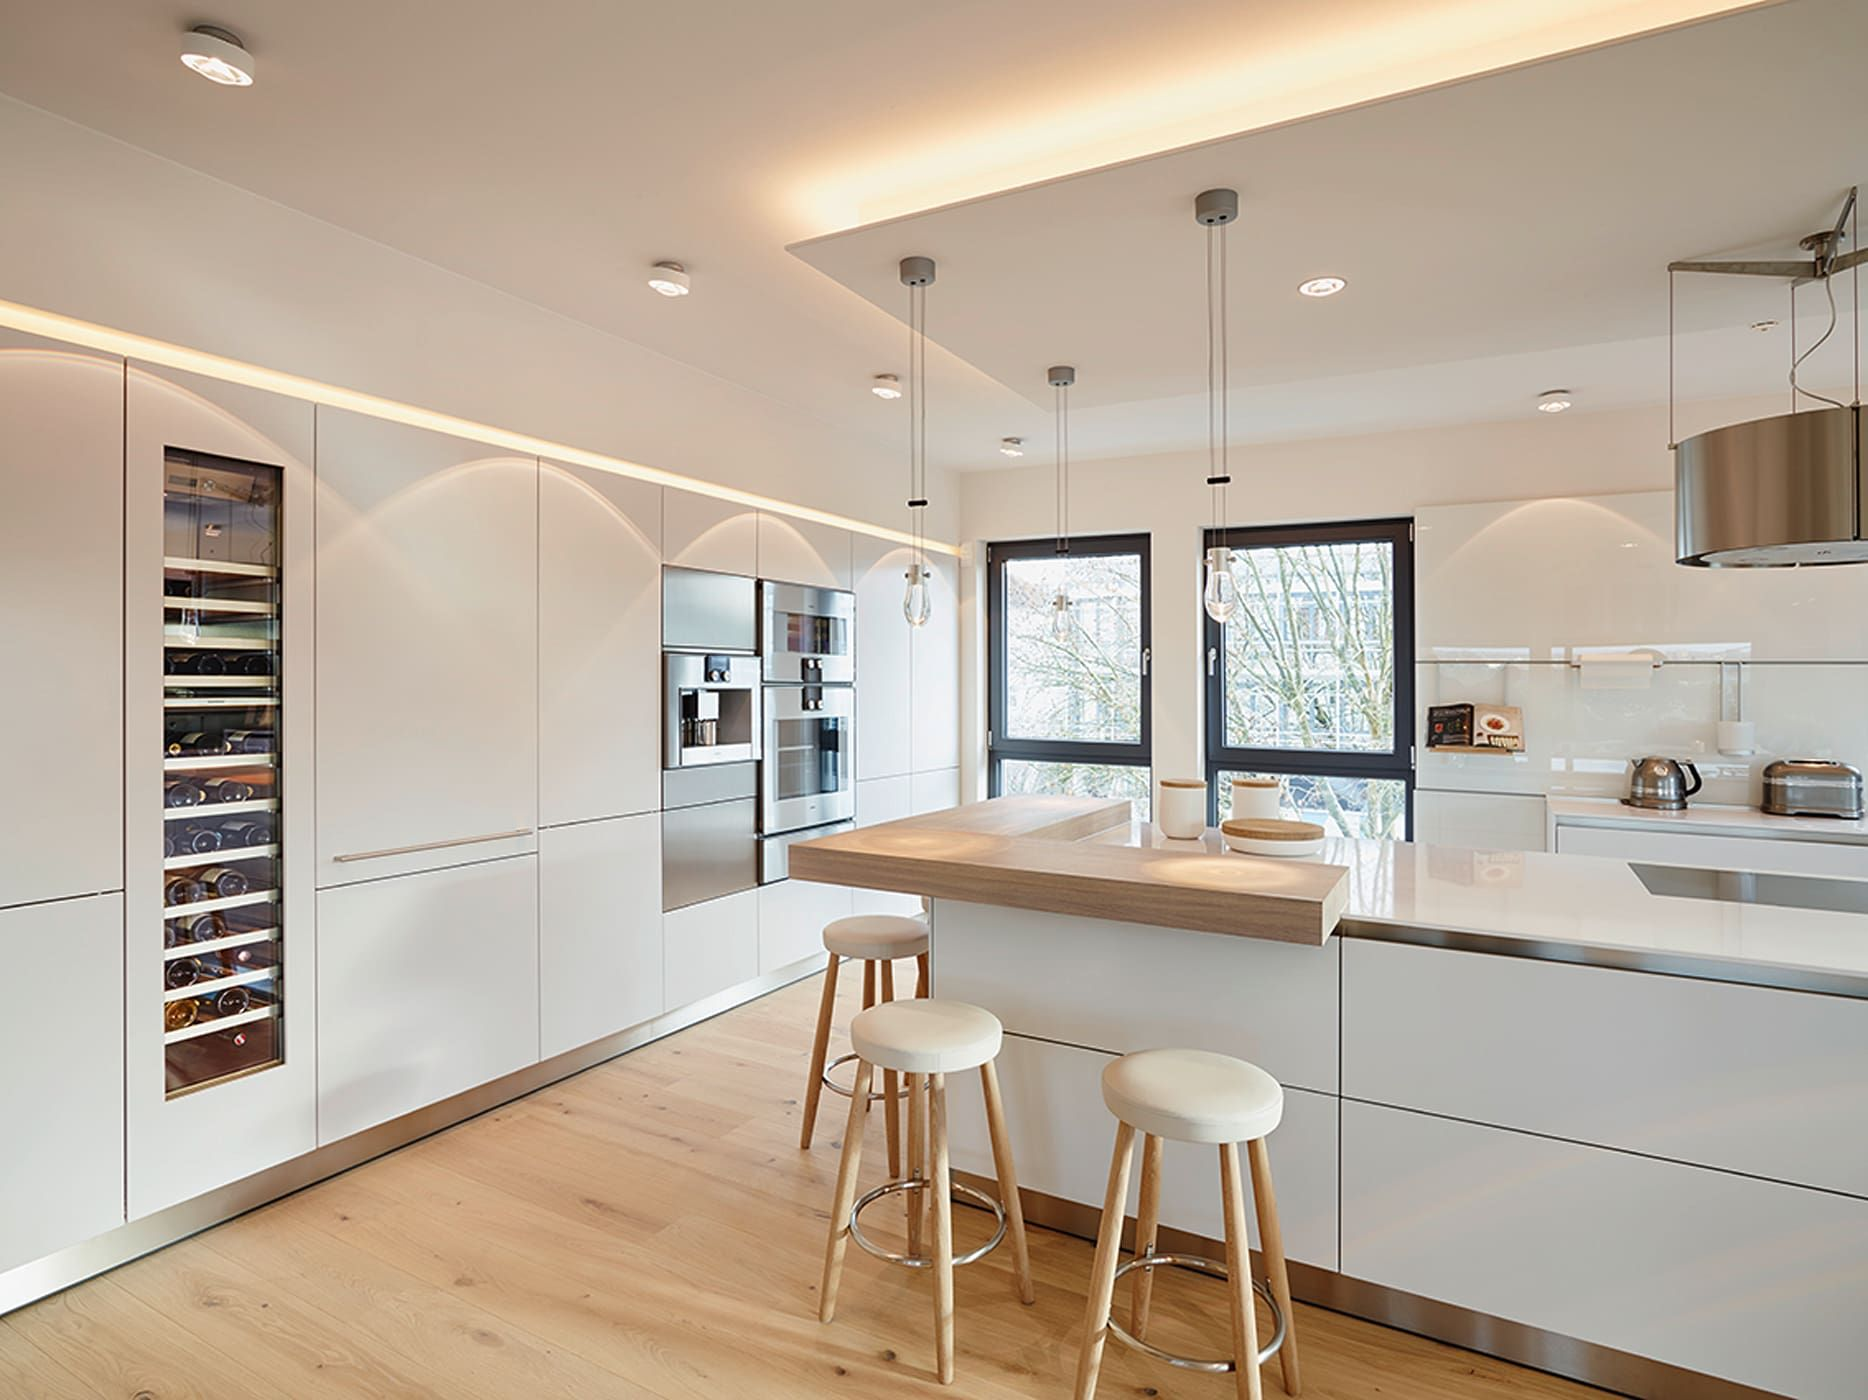 2 ton küchenideen ideeën u inspiratie fotous van verbouwingen  pinterest  penthouses